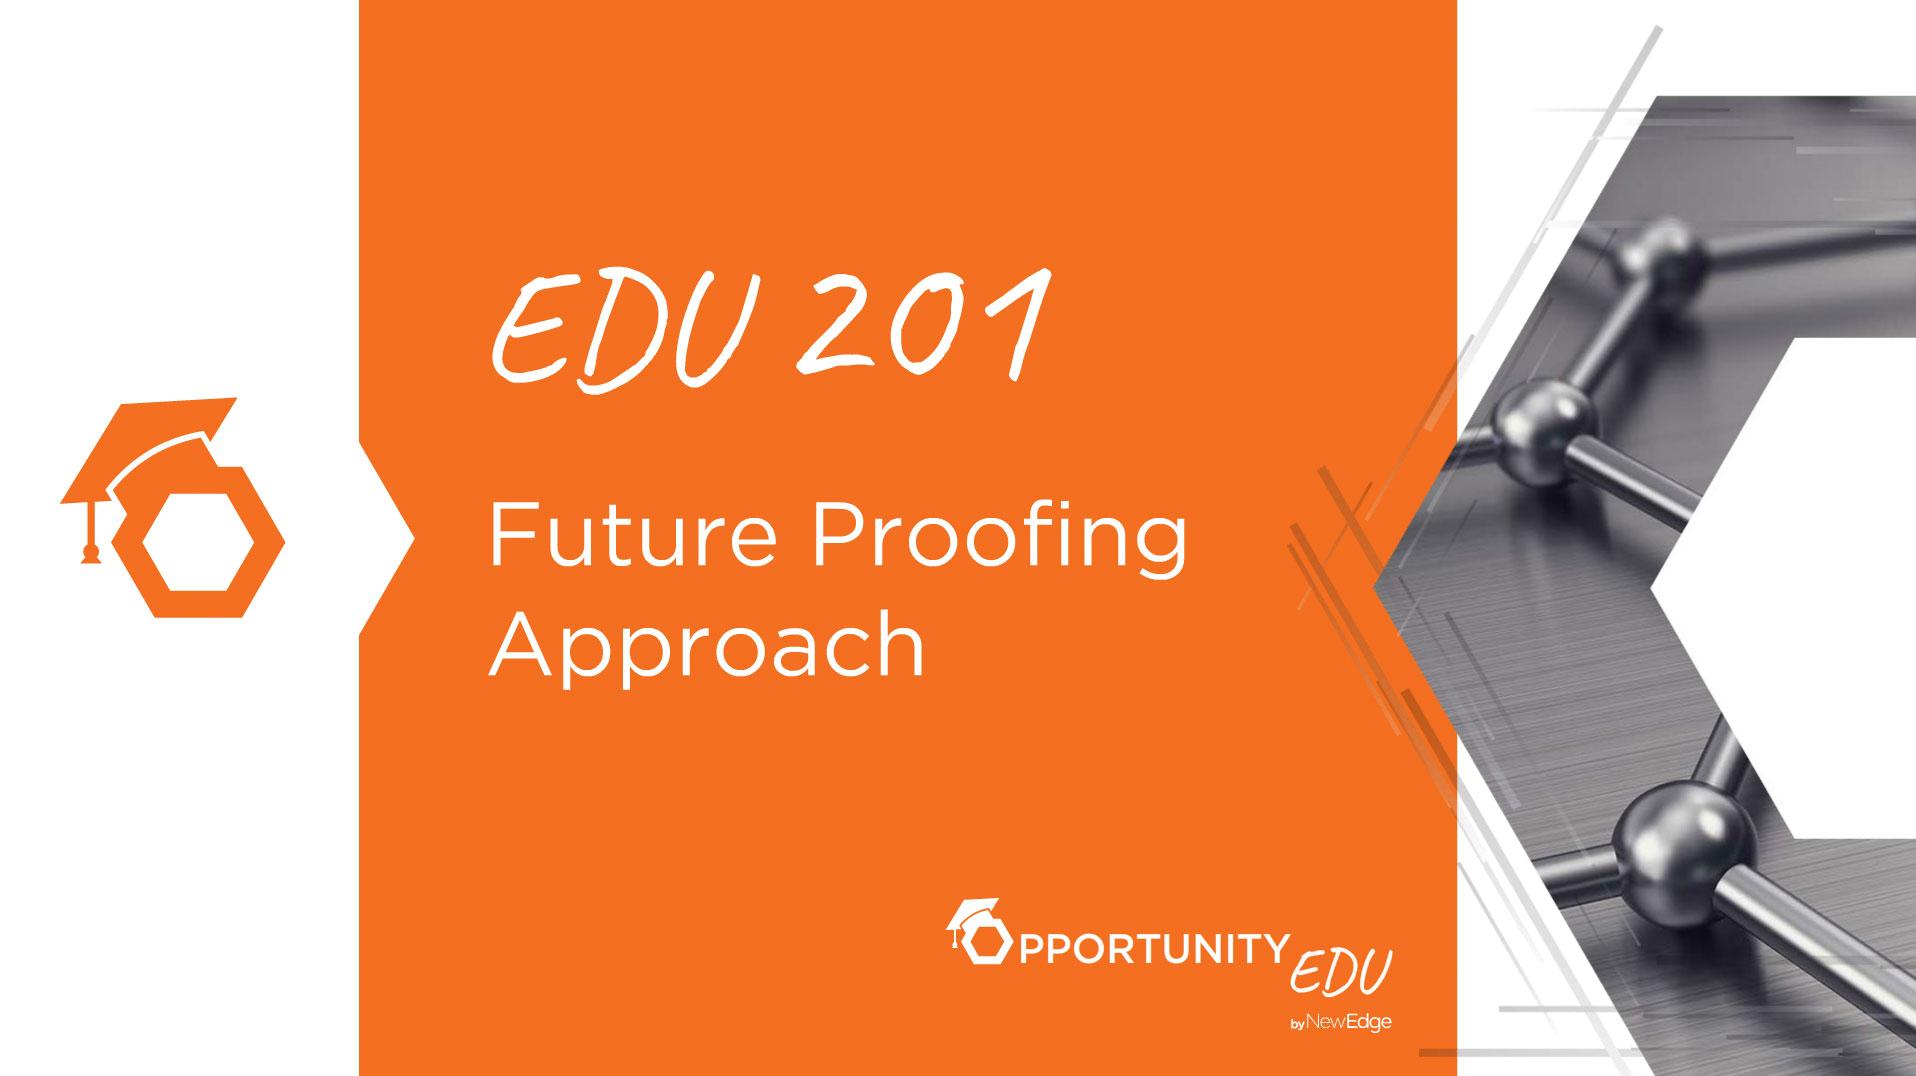 EDU 201